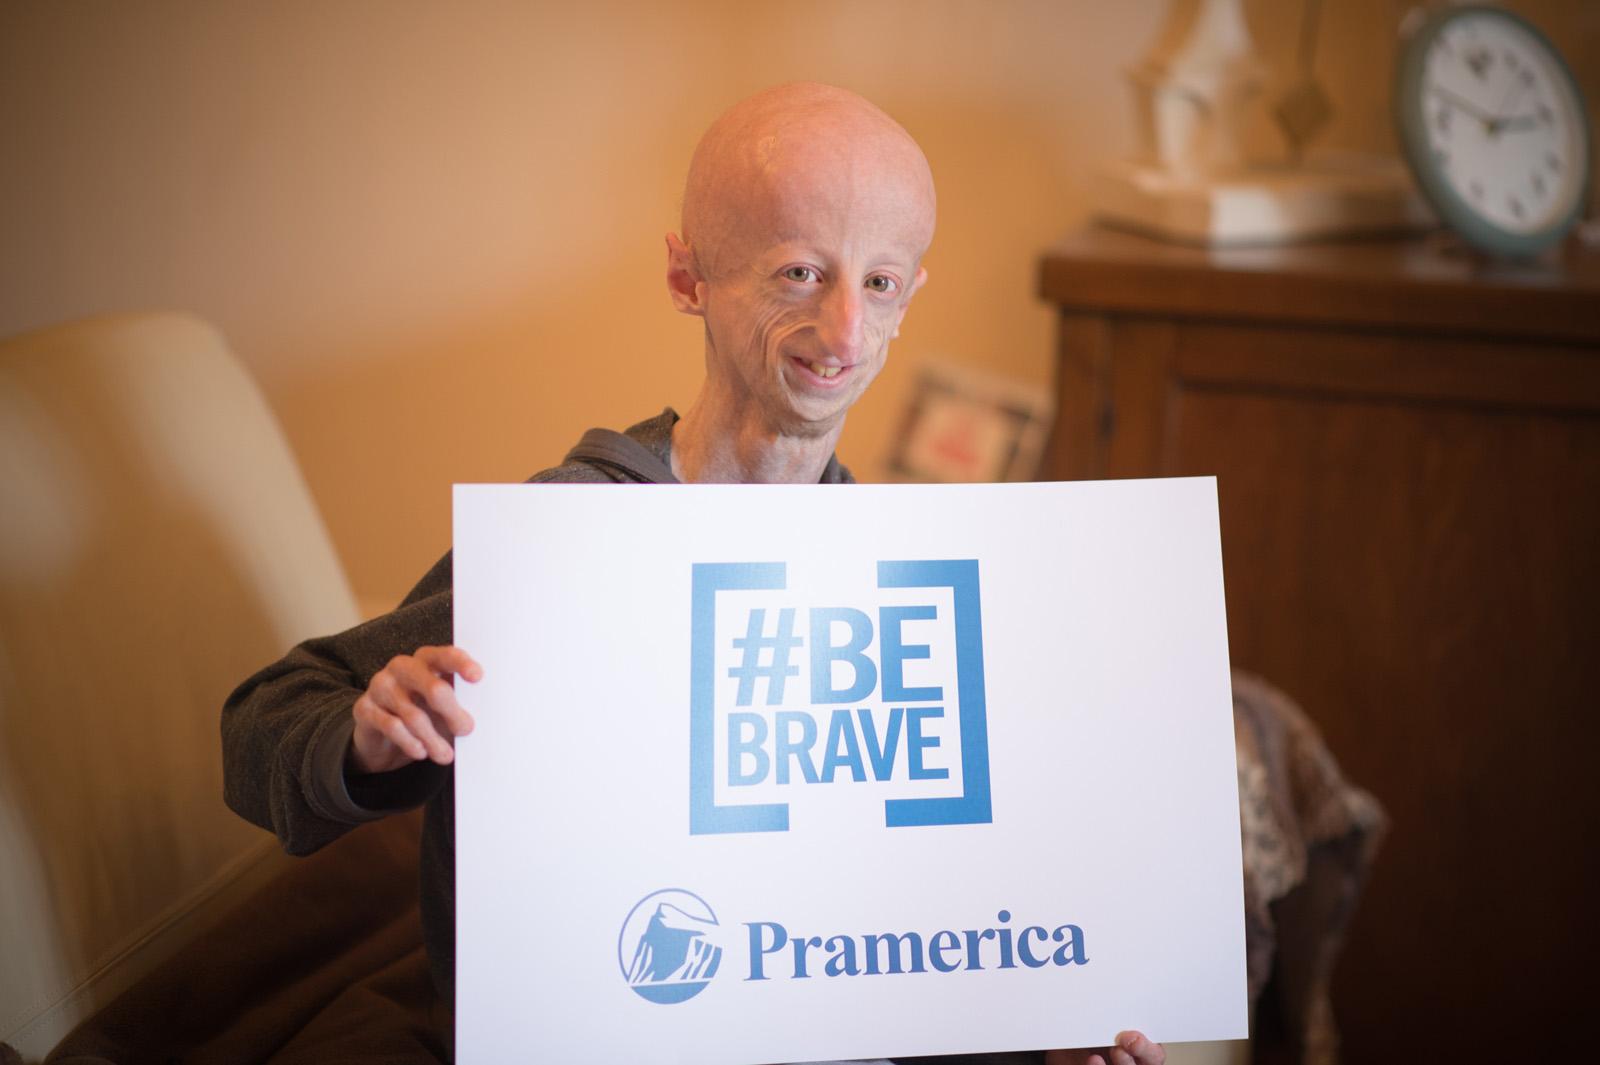 Pramerica - BeBrave Imc